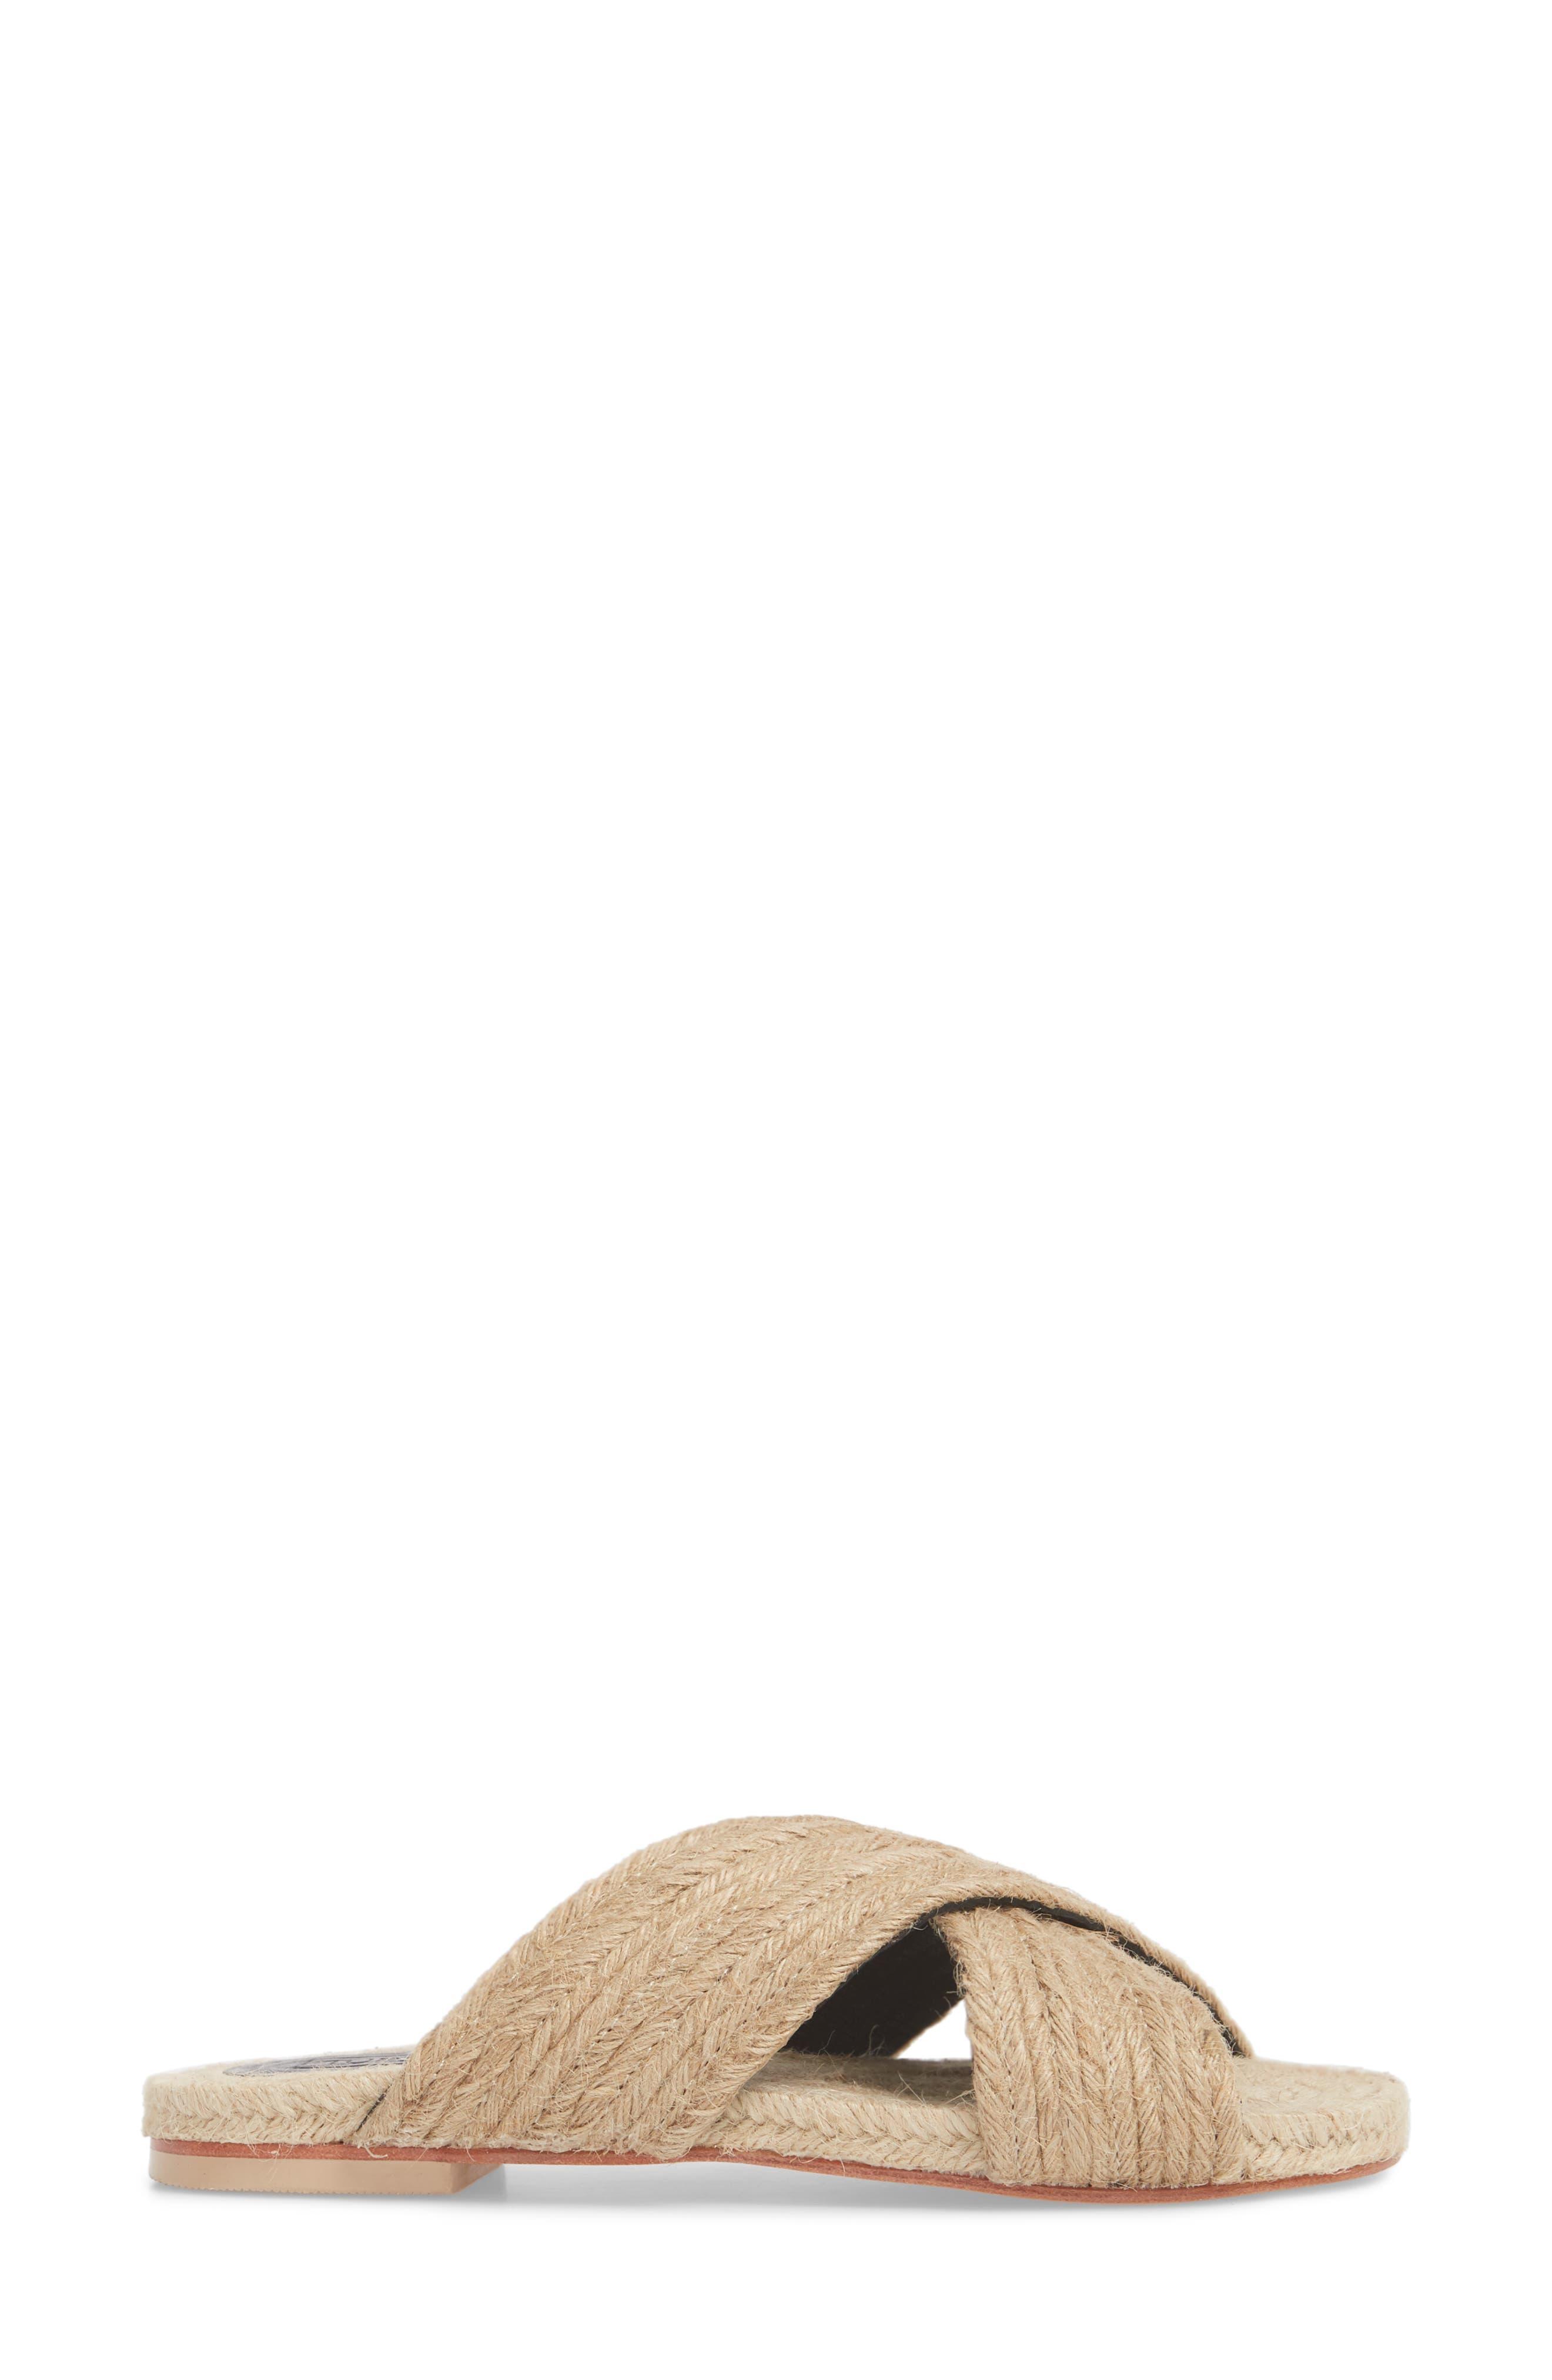 Felilx Rope Slide Sandal,                             Alternate thumbnail 3, color,                             250